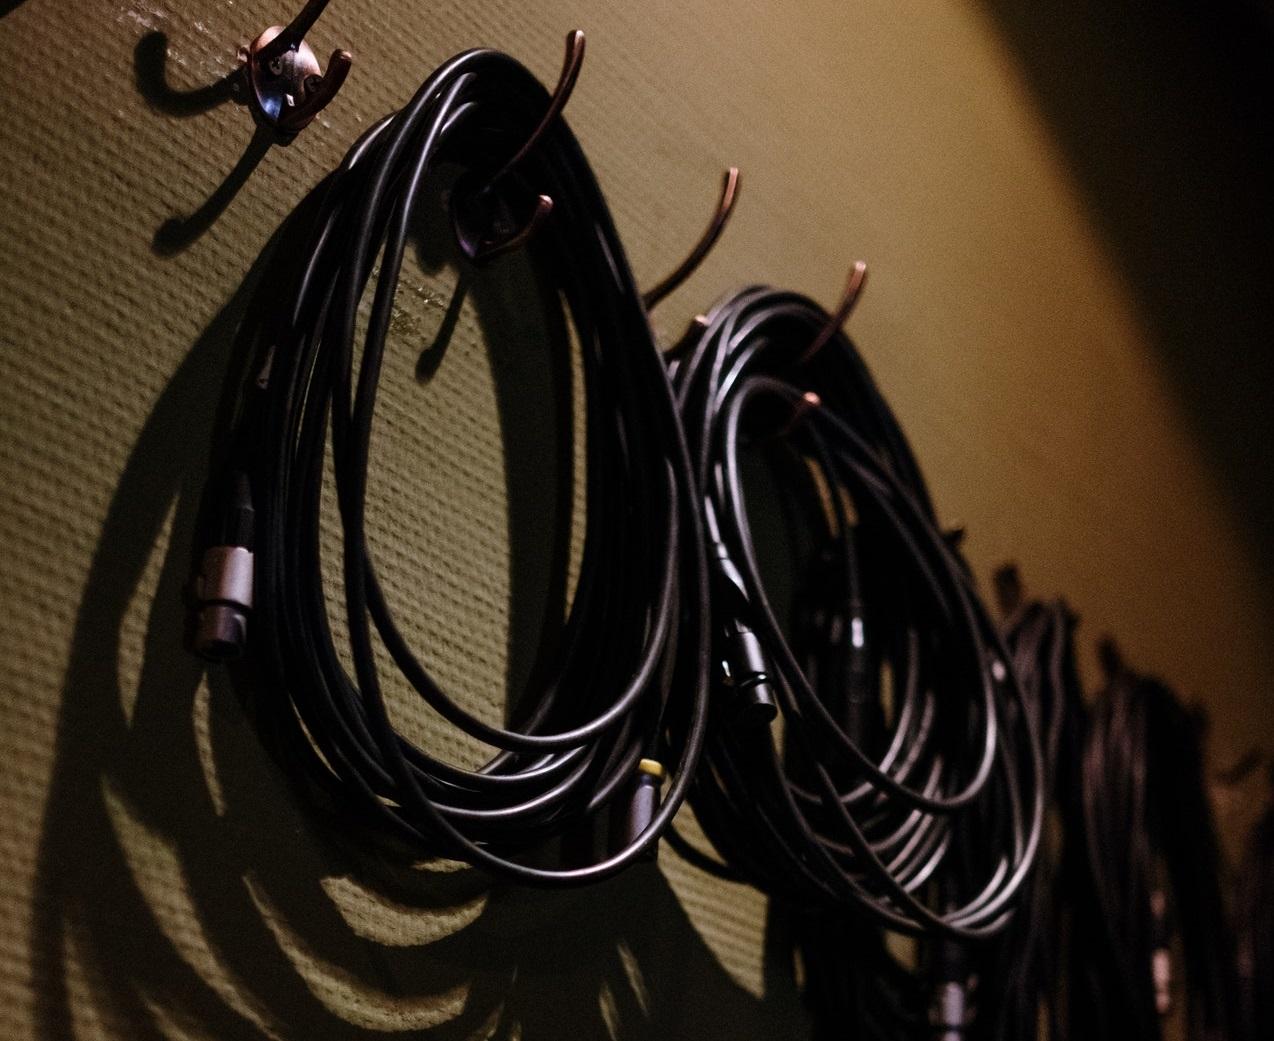 zavesny-system-na-naradi-kabely